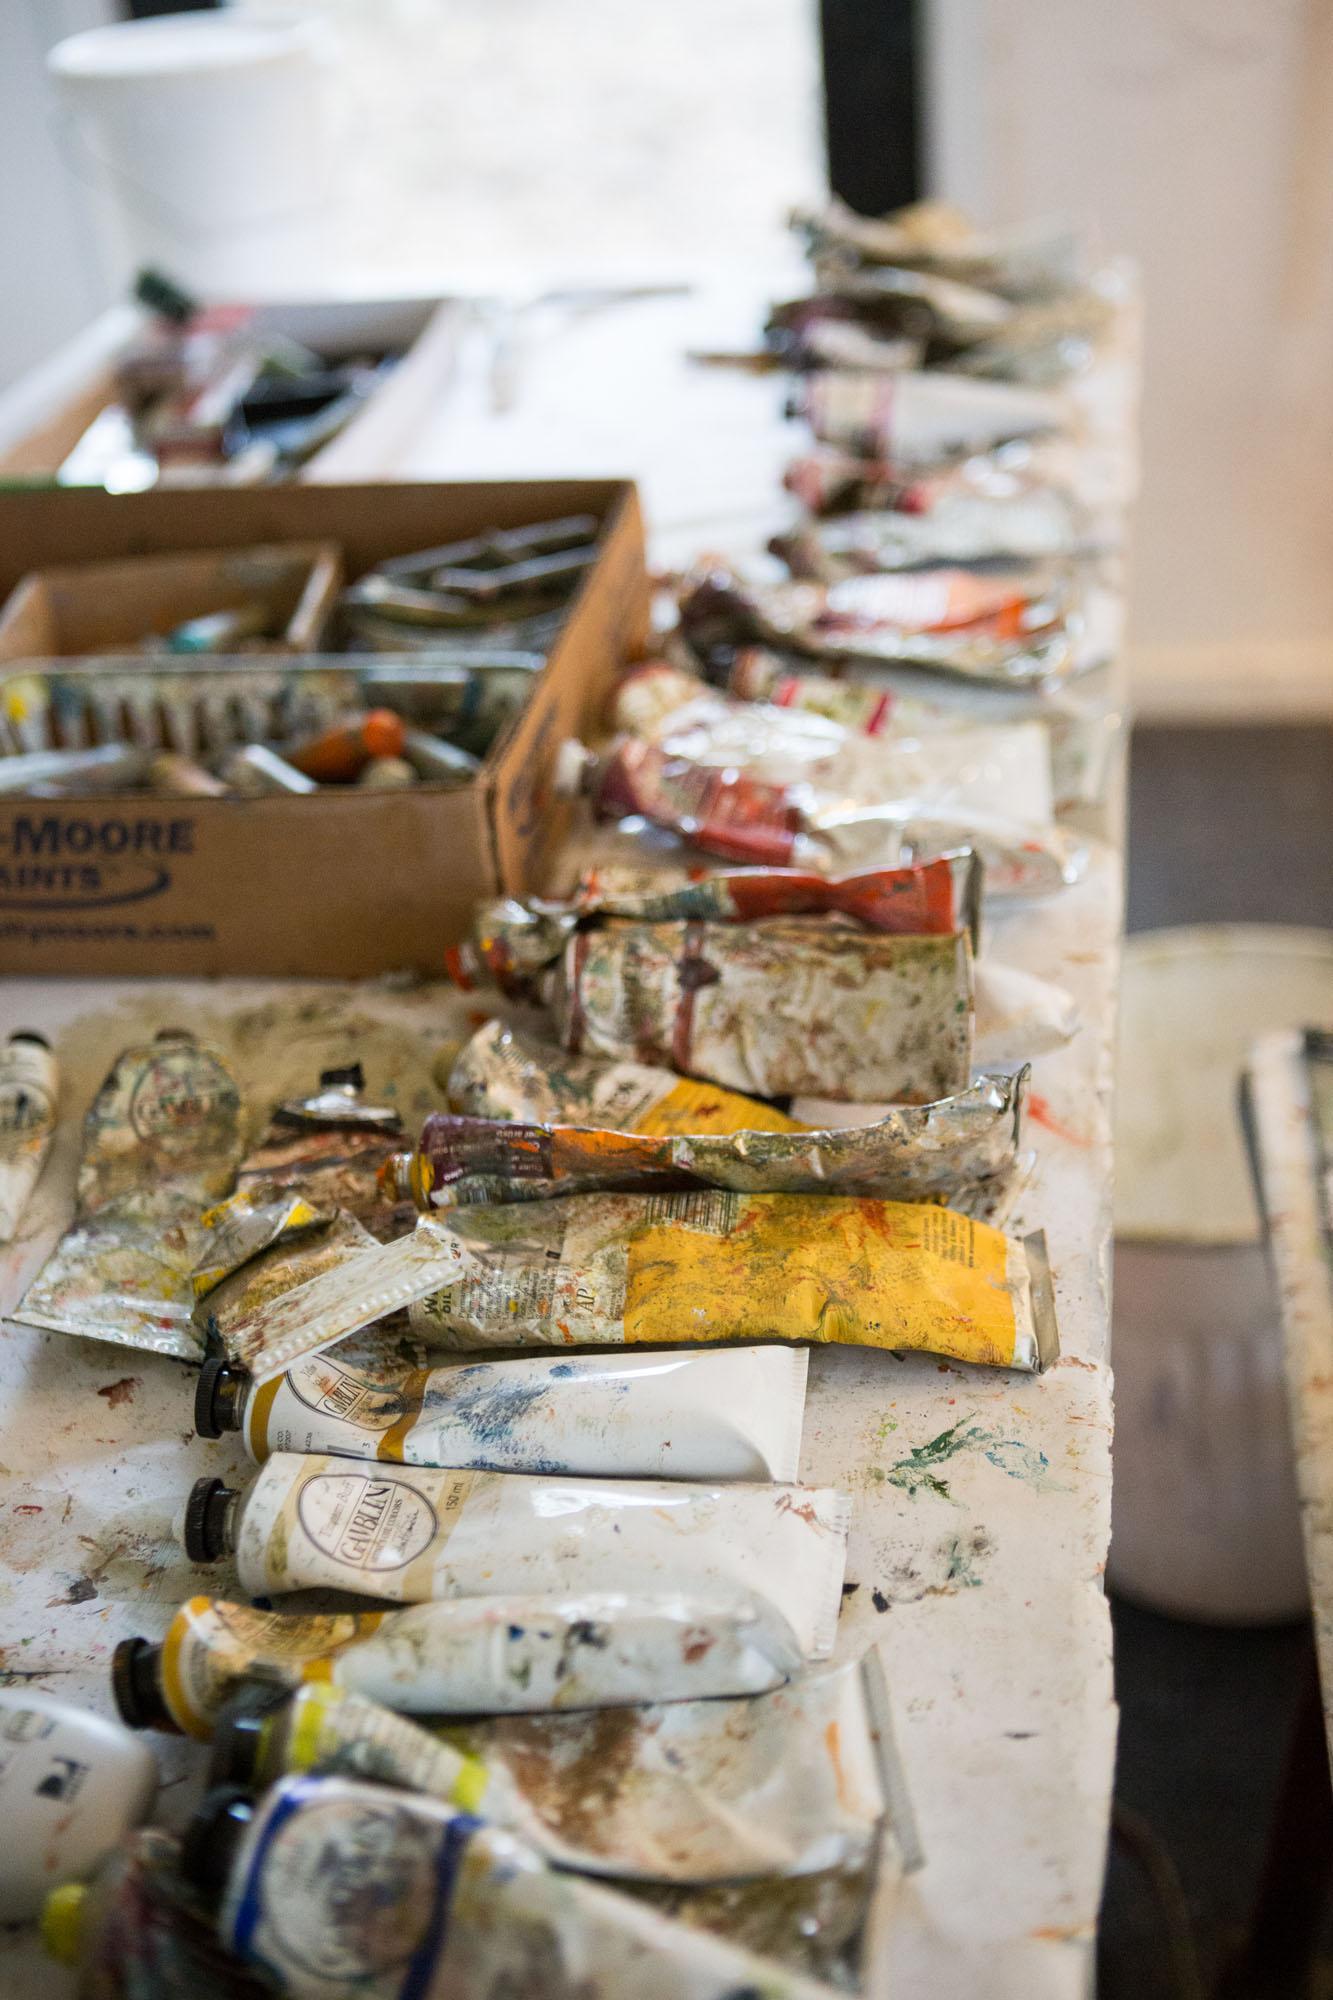 Linda-Christensen-artist-studio-branding-photos-oil-painter01.jpg